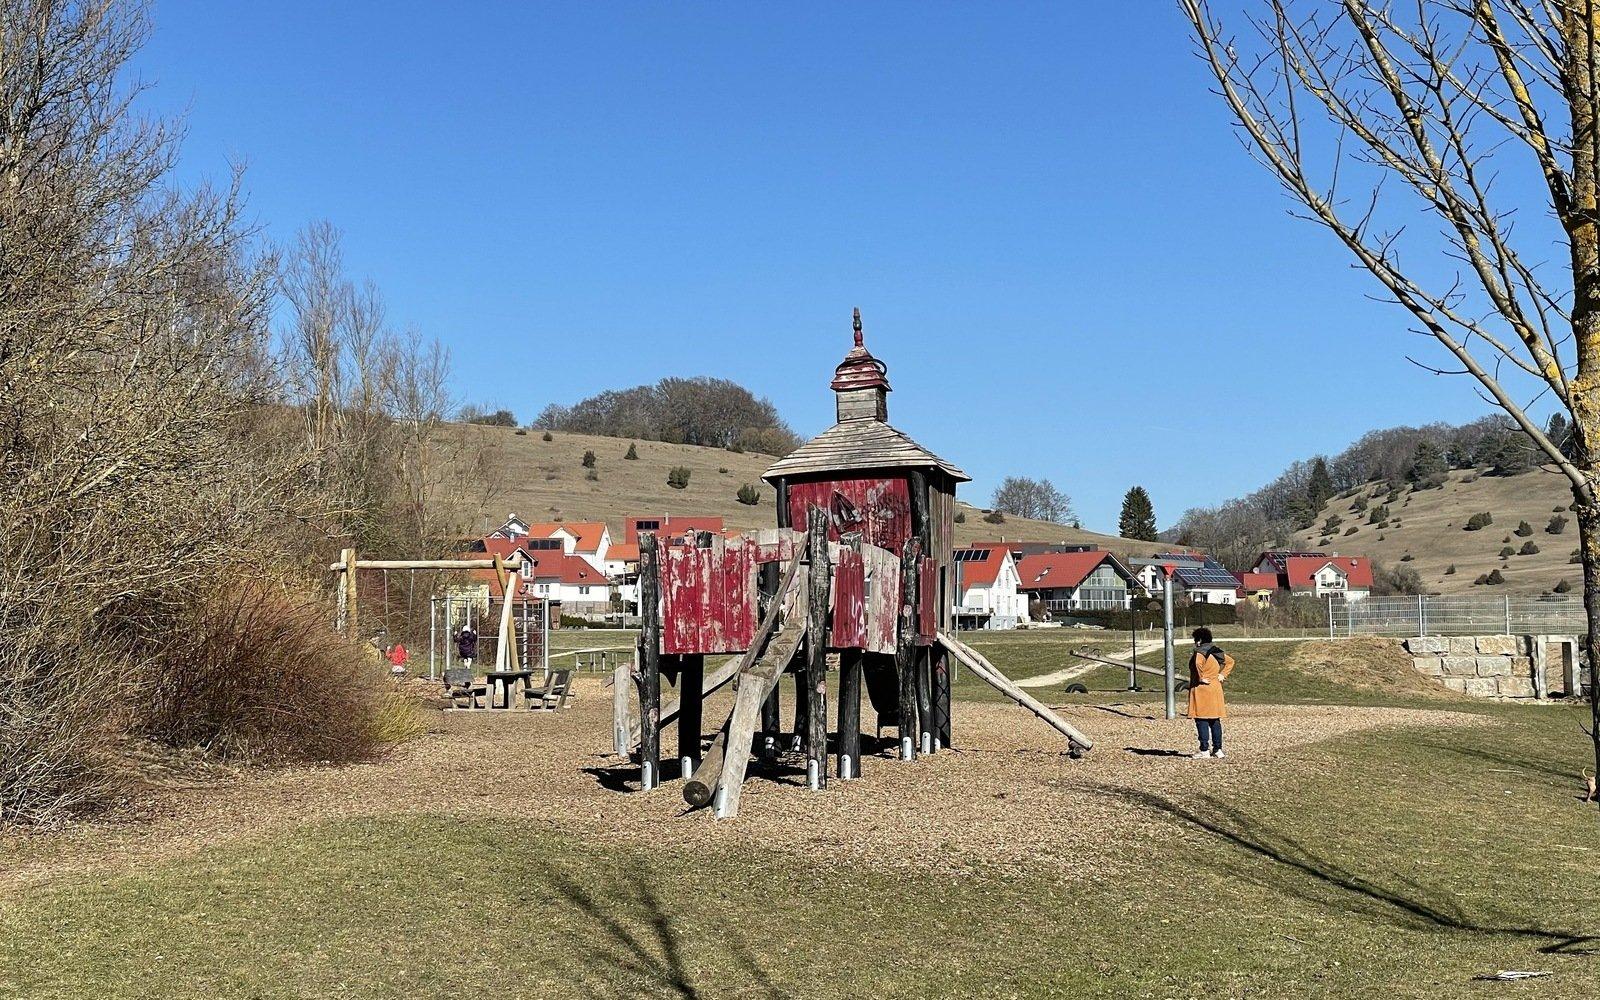 Ein Kinderspielplatz mit einer roten Kletterburg